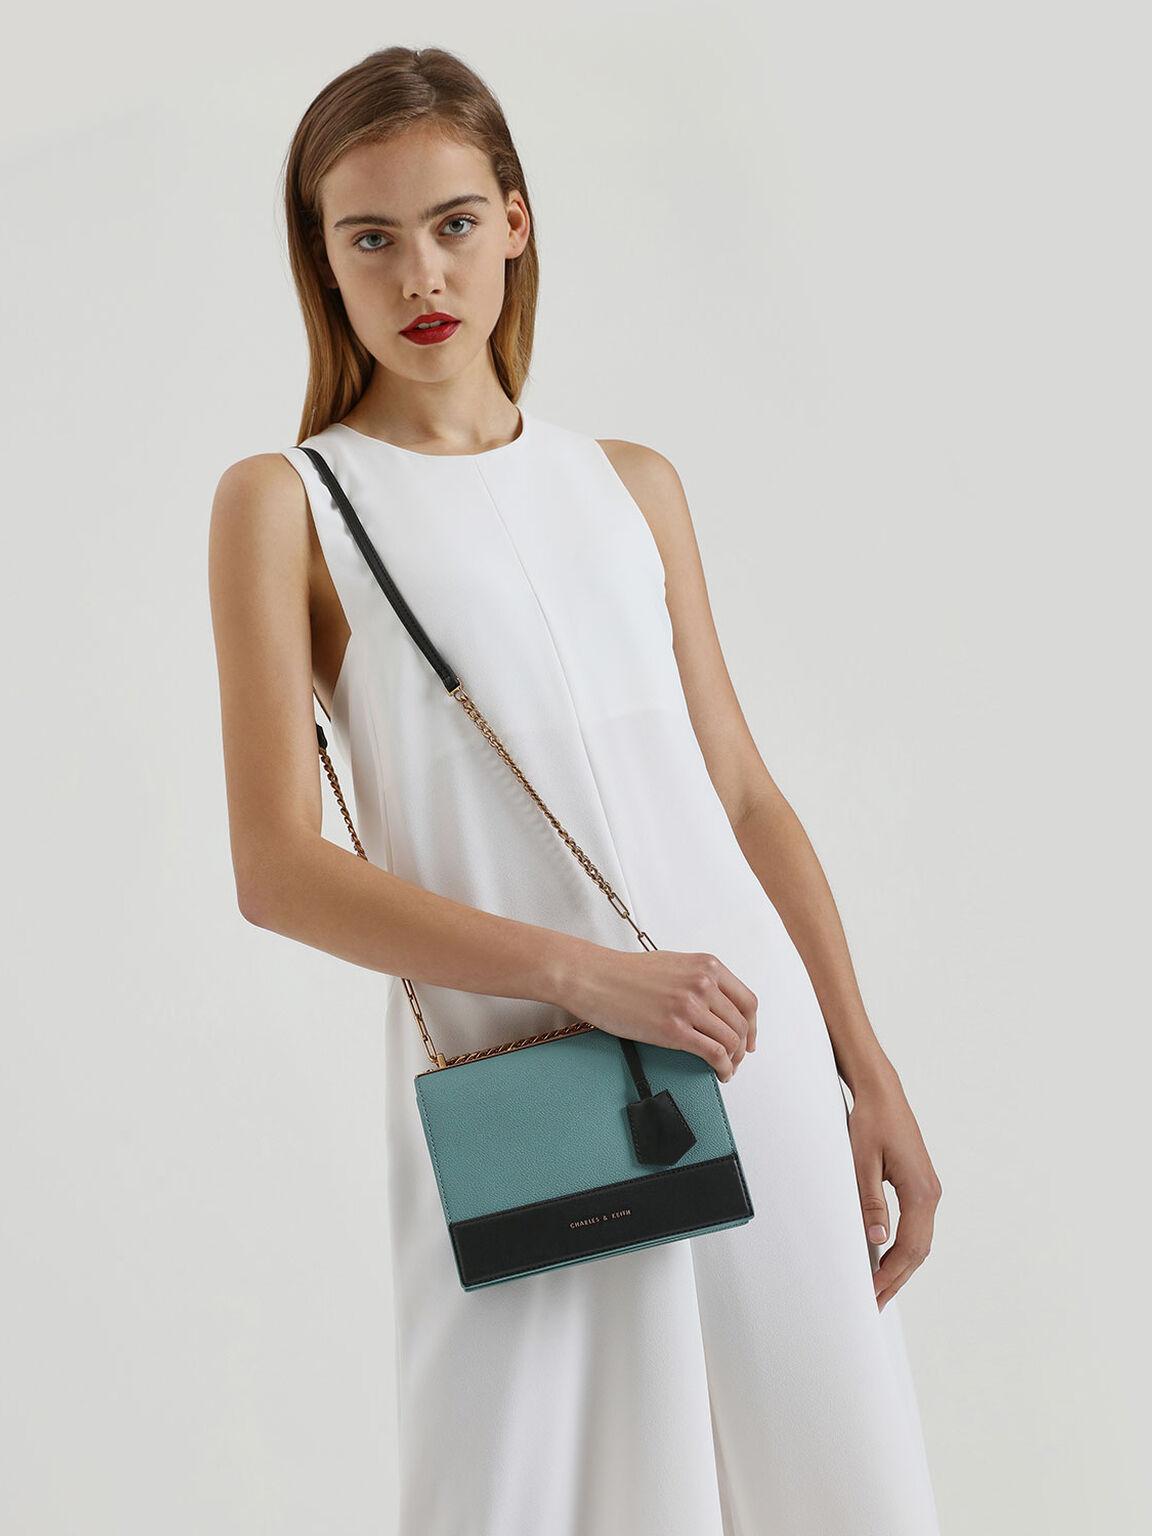 Duo Strap Crossbody Bag, Teal, hi-res